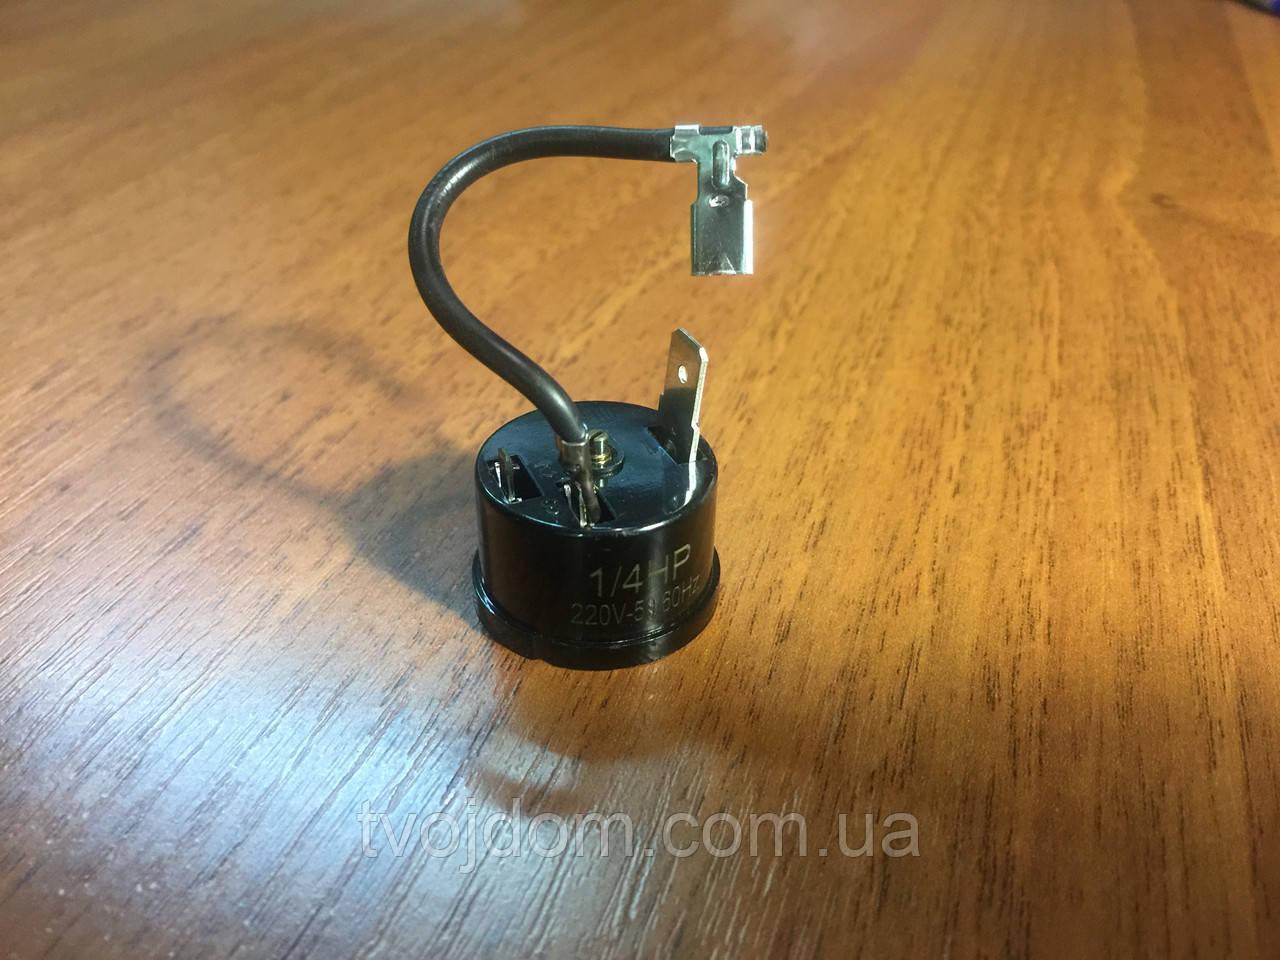 Реле QD14 биметал защита 1/4hp от 185Вт рабочий ток 1,3А пусковой ток 9А)